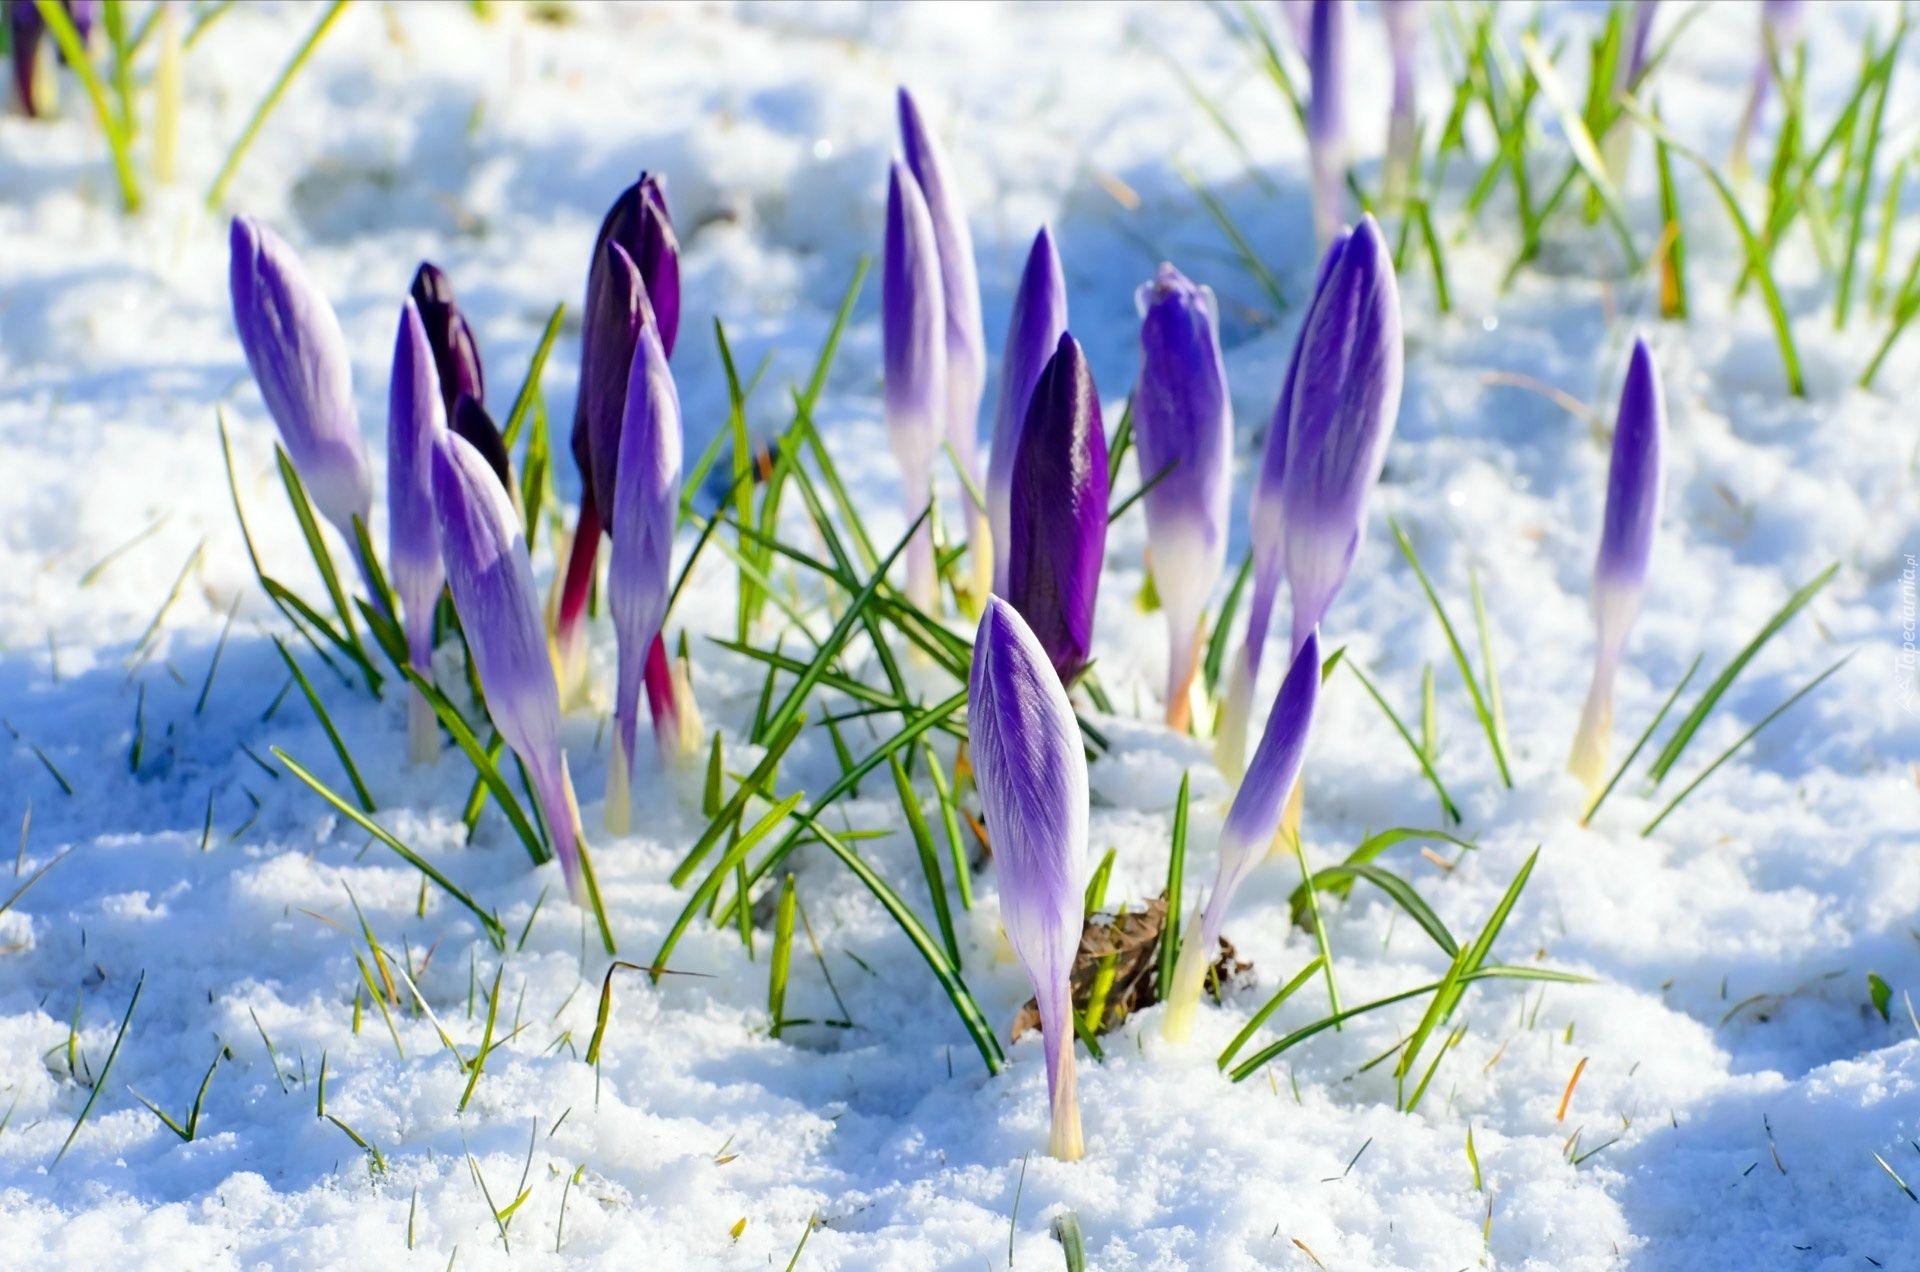 Fioletowe Krokusy Zima Spring Pictures Crocus Flower Spring Flowers